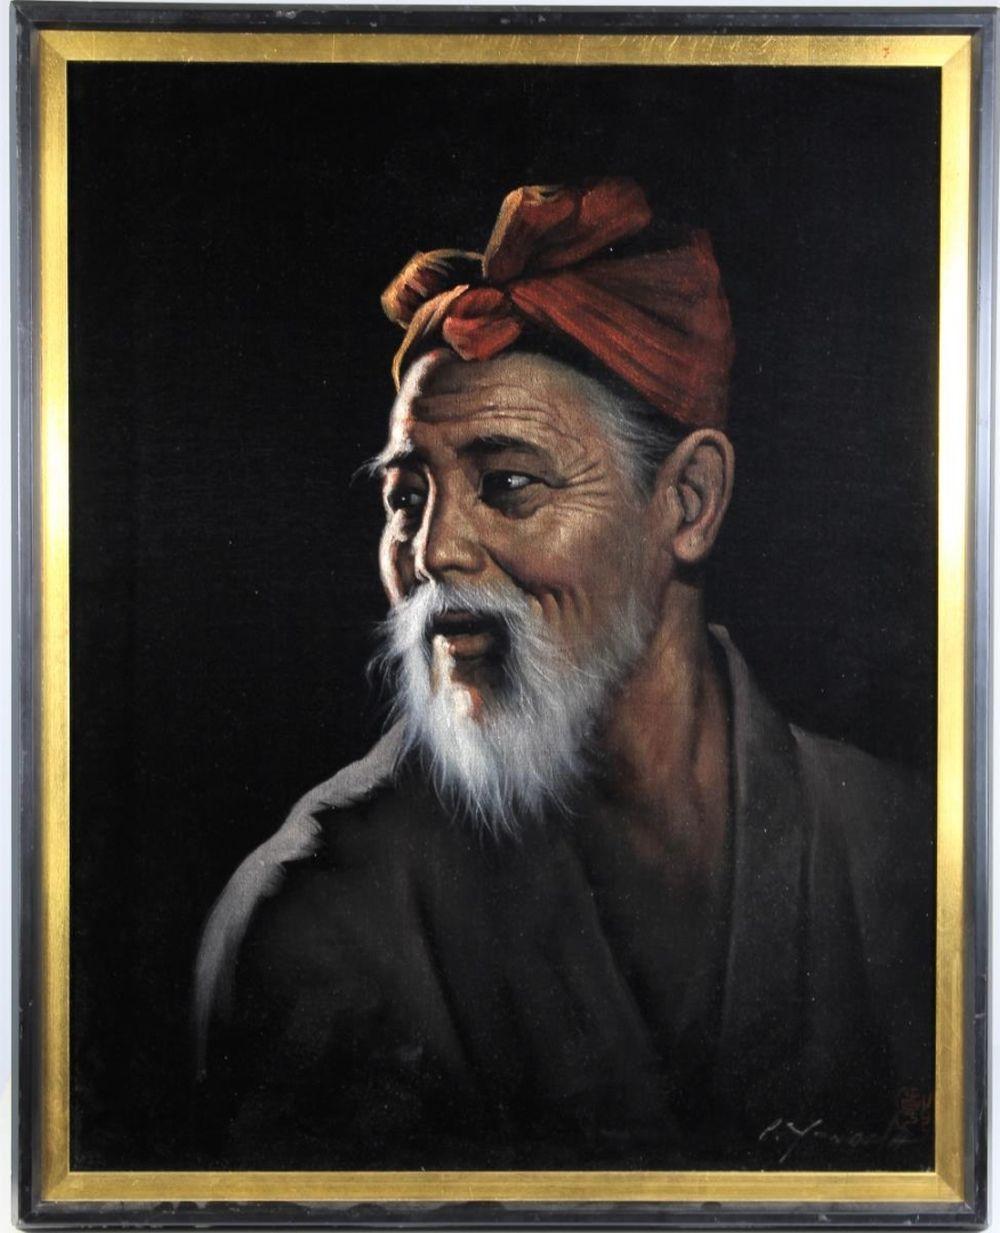 Chotai Yonaha Artwork for Sale at Online Auction   Chotai